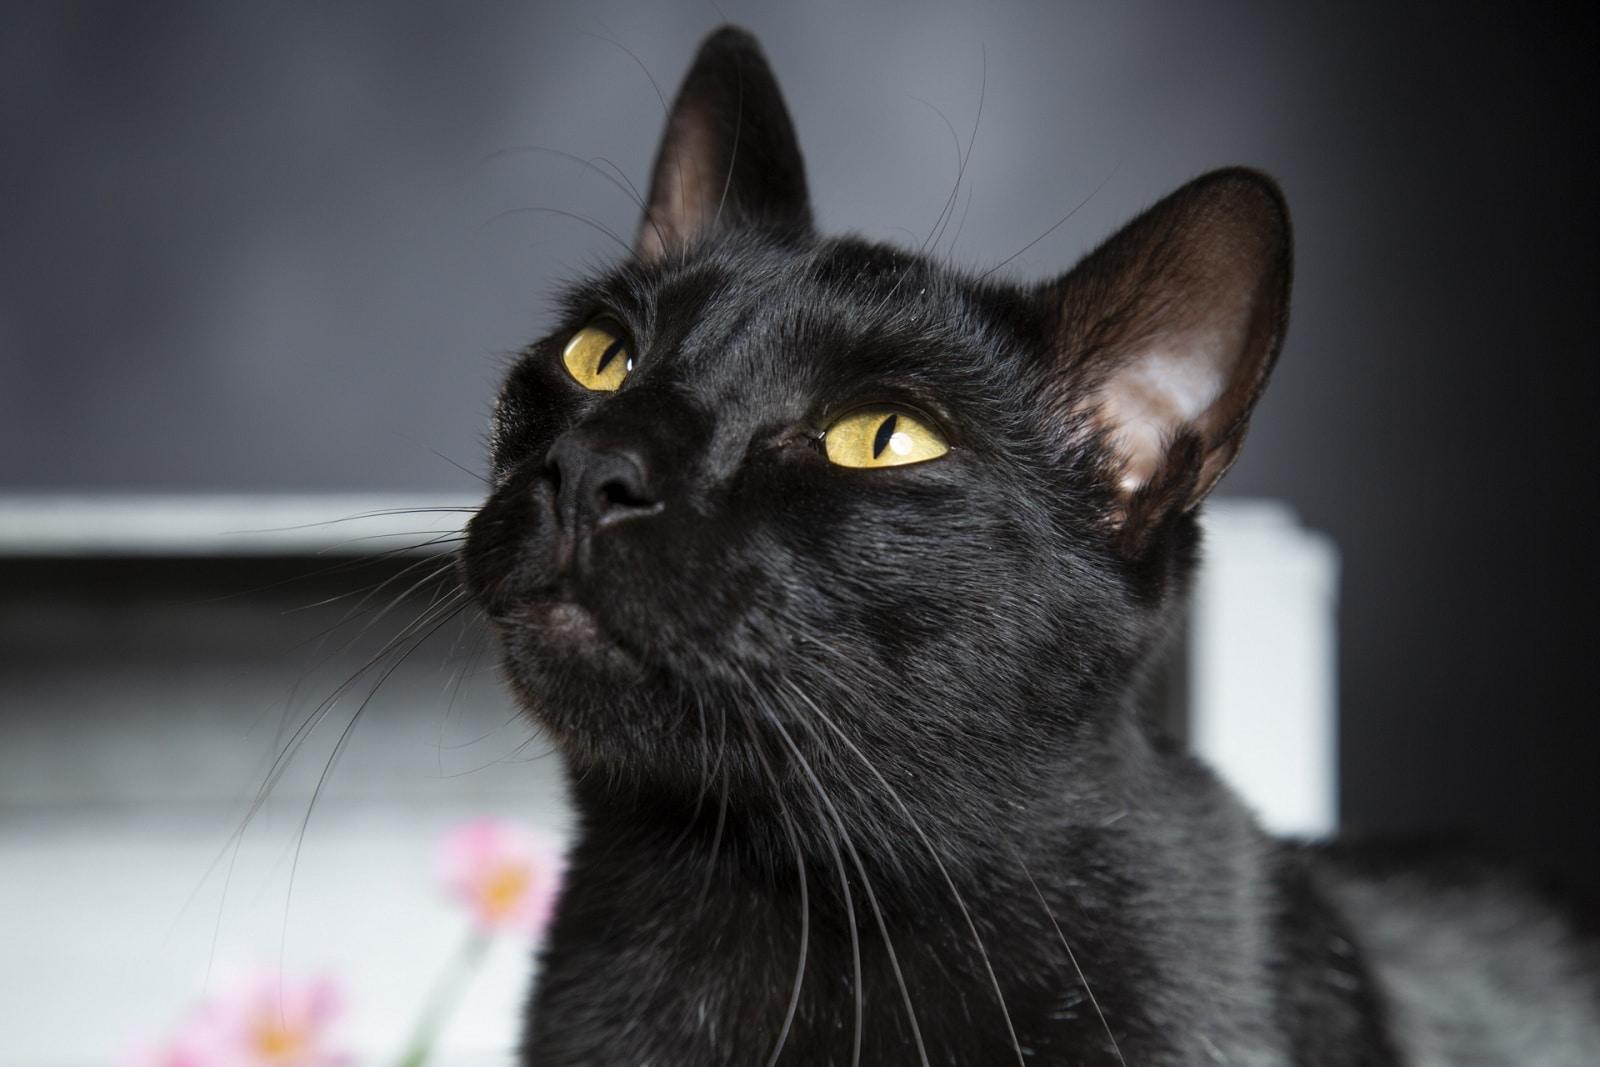 Gatto nero attraversa la strada, suora finisce contro una palazzina per evitare la sfiga.<br> Viva per miracolo